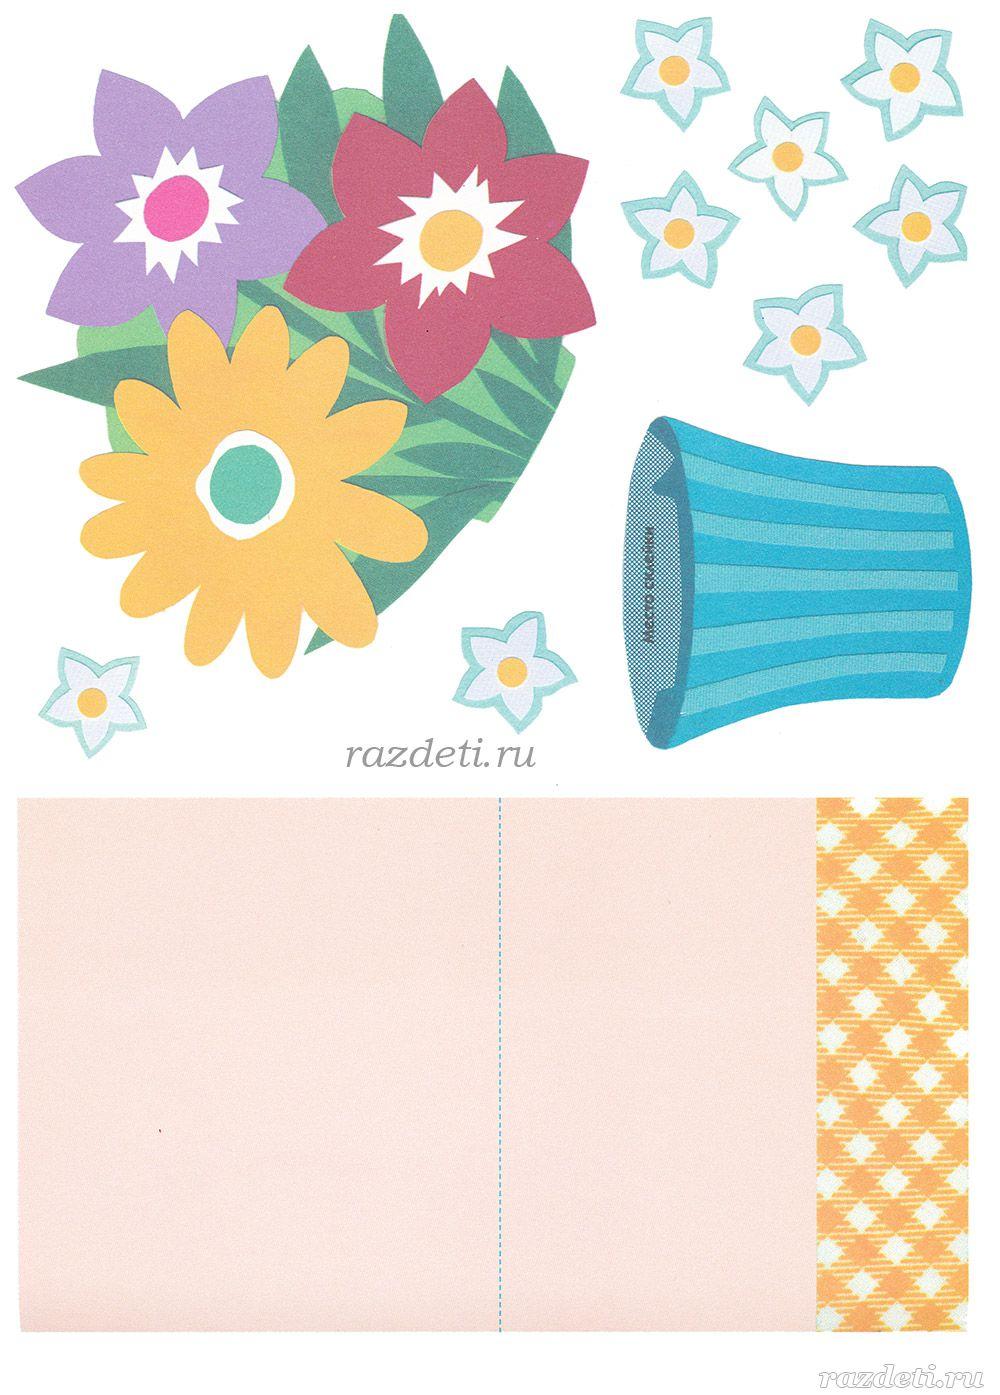 Шаблоны для открыток для детей 6